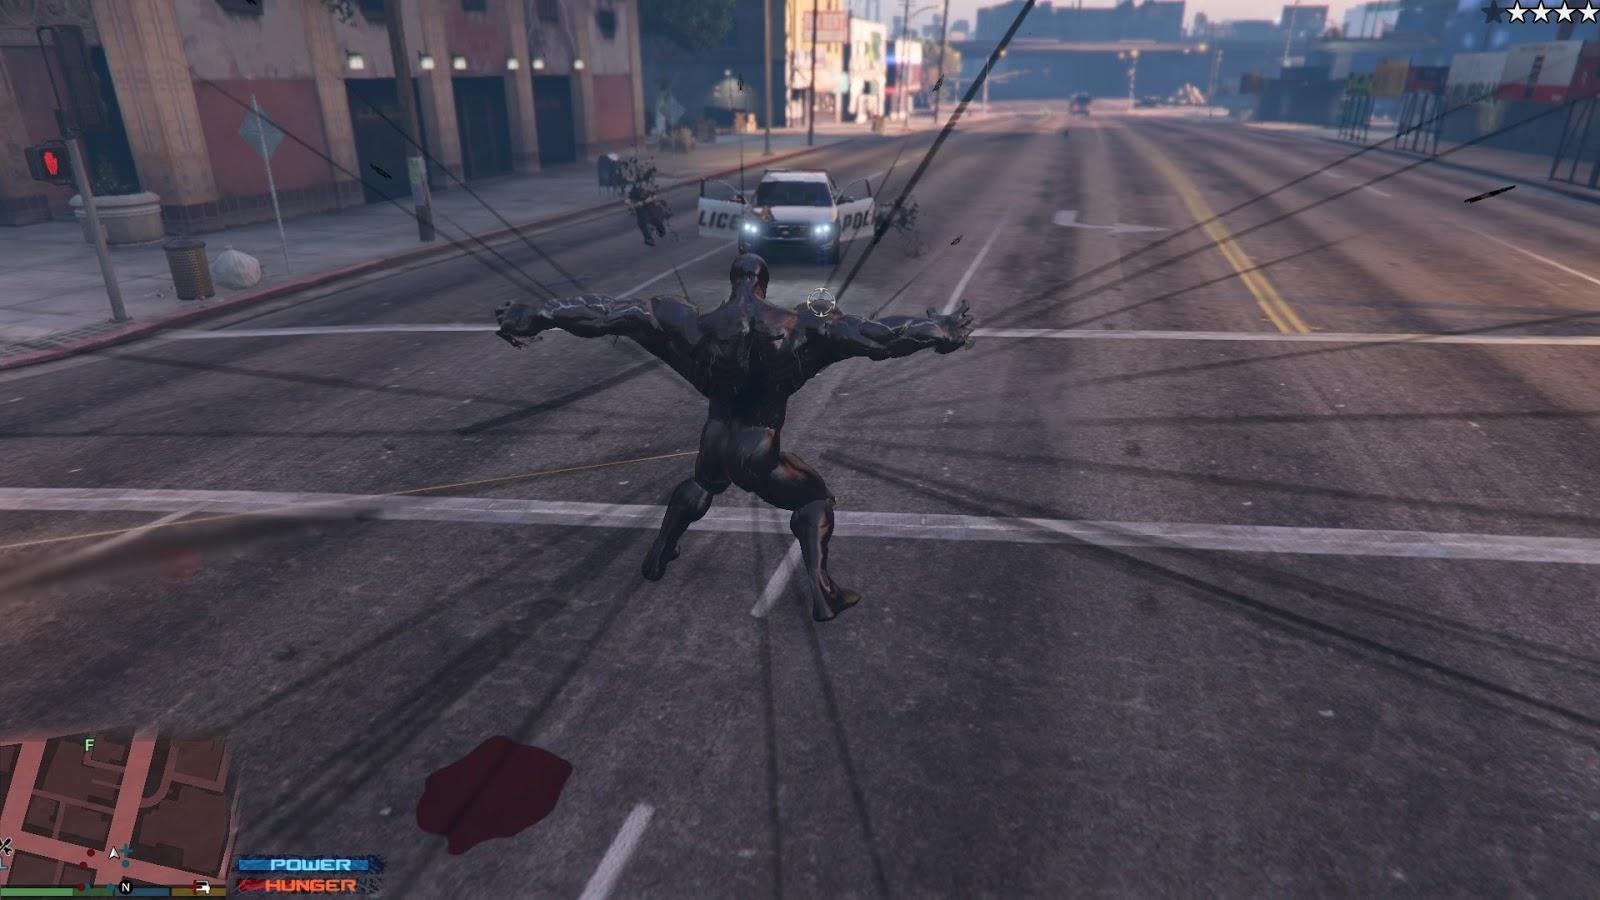 GTA X Scripting: GTA 5 Venom script mod